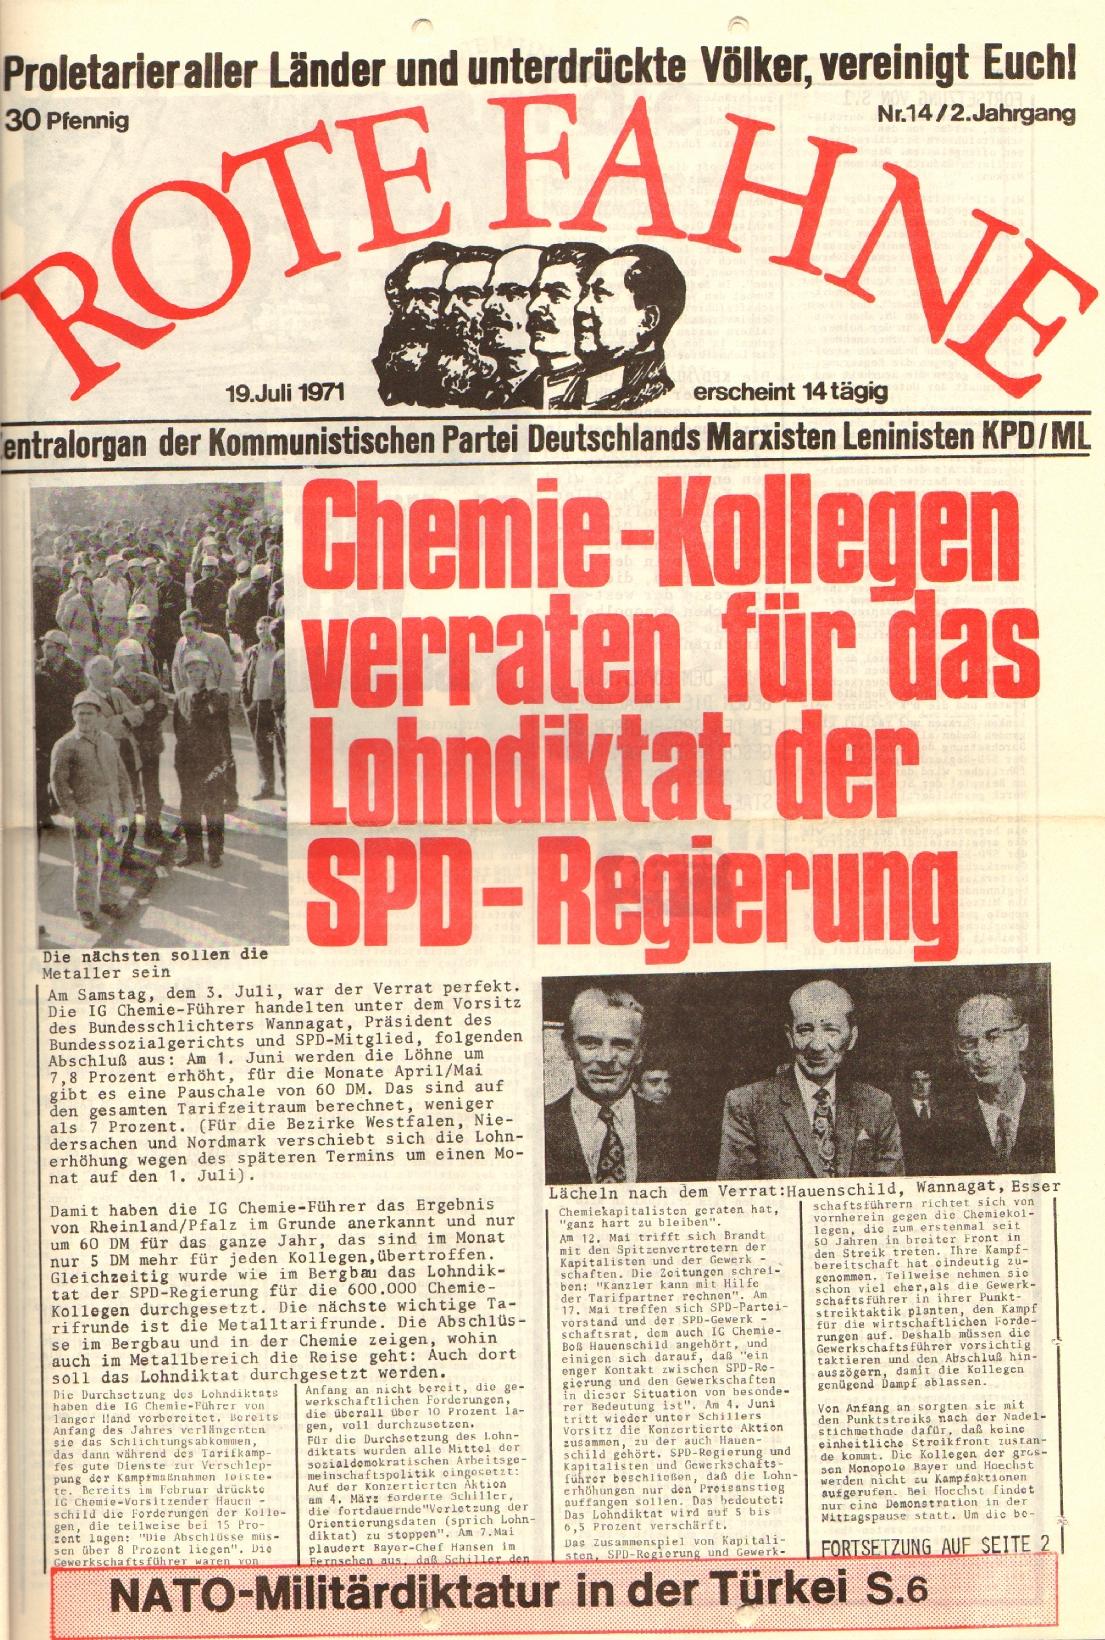 Rote Fahne, 2. Jg., 19.7.1971, Nr. 14, Seite 1